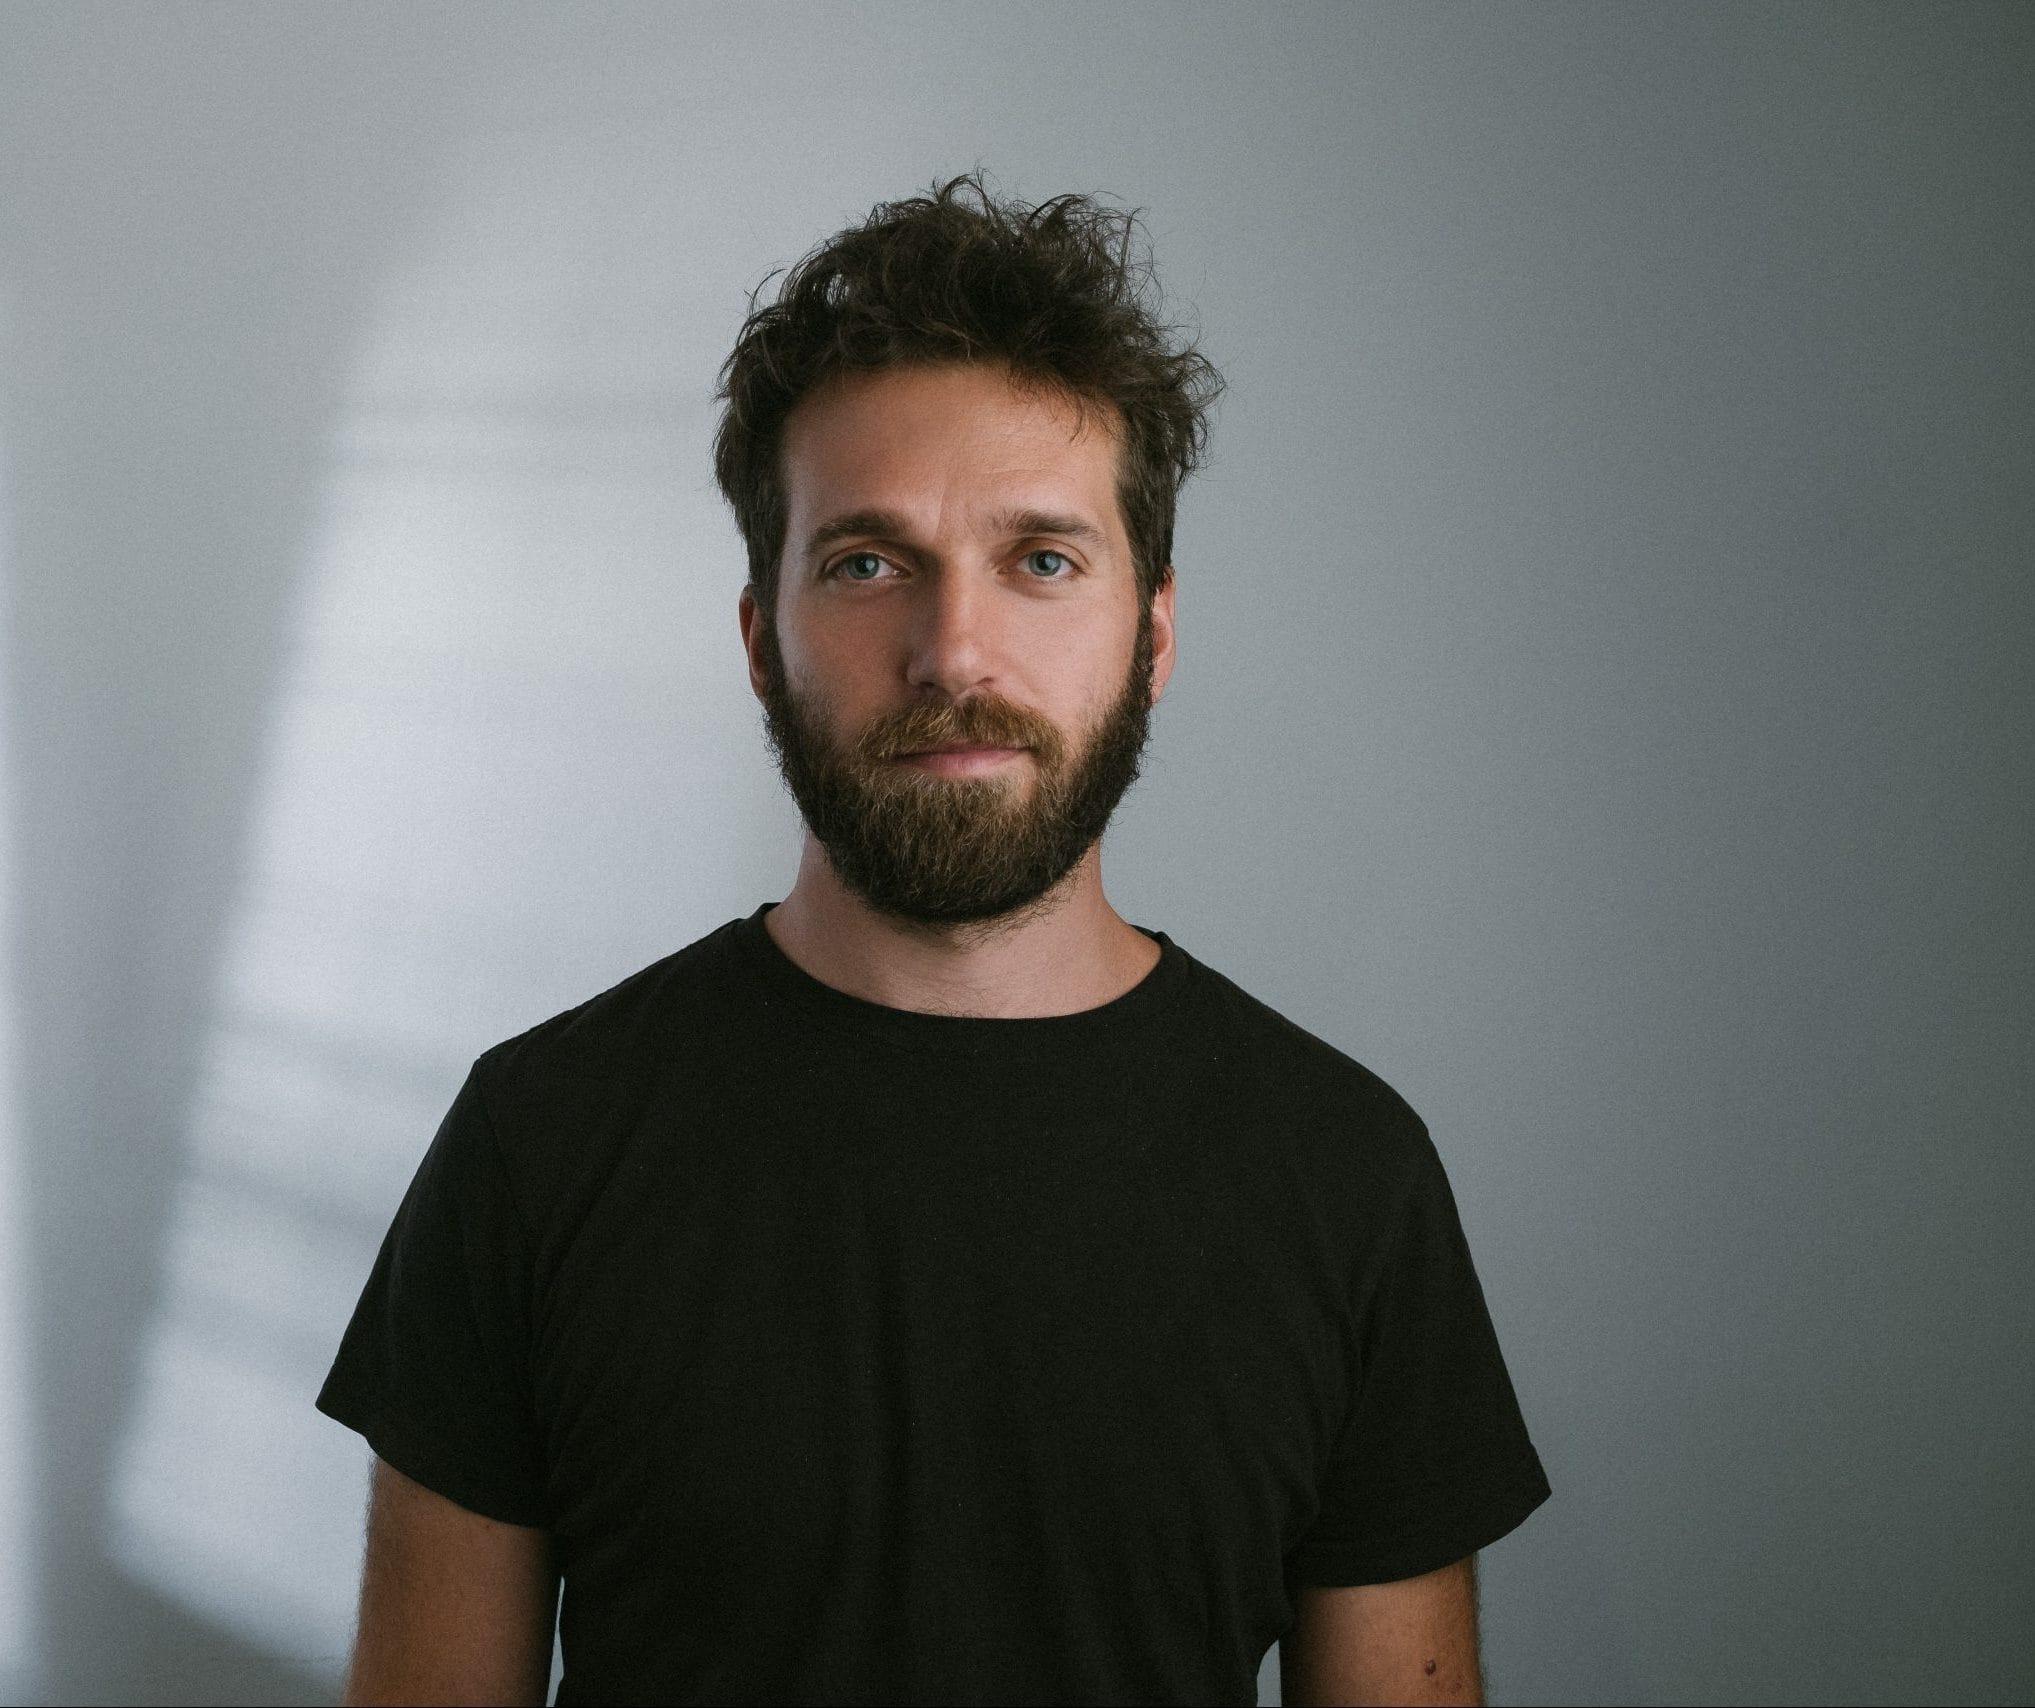 Hallo, ich bin Konstantin.